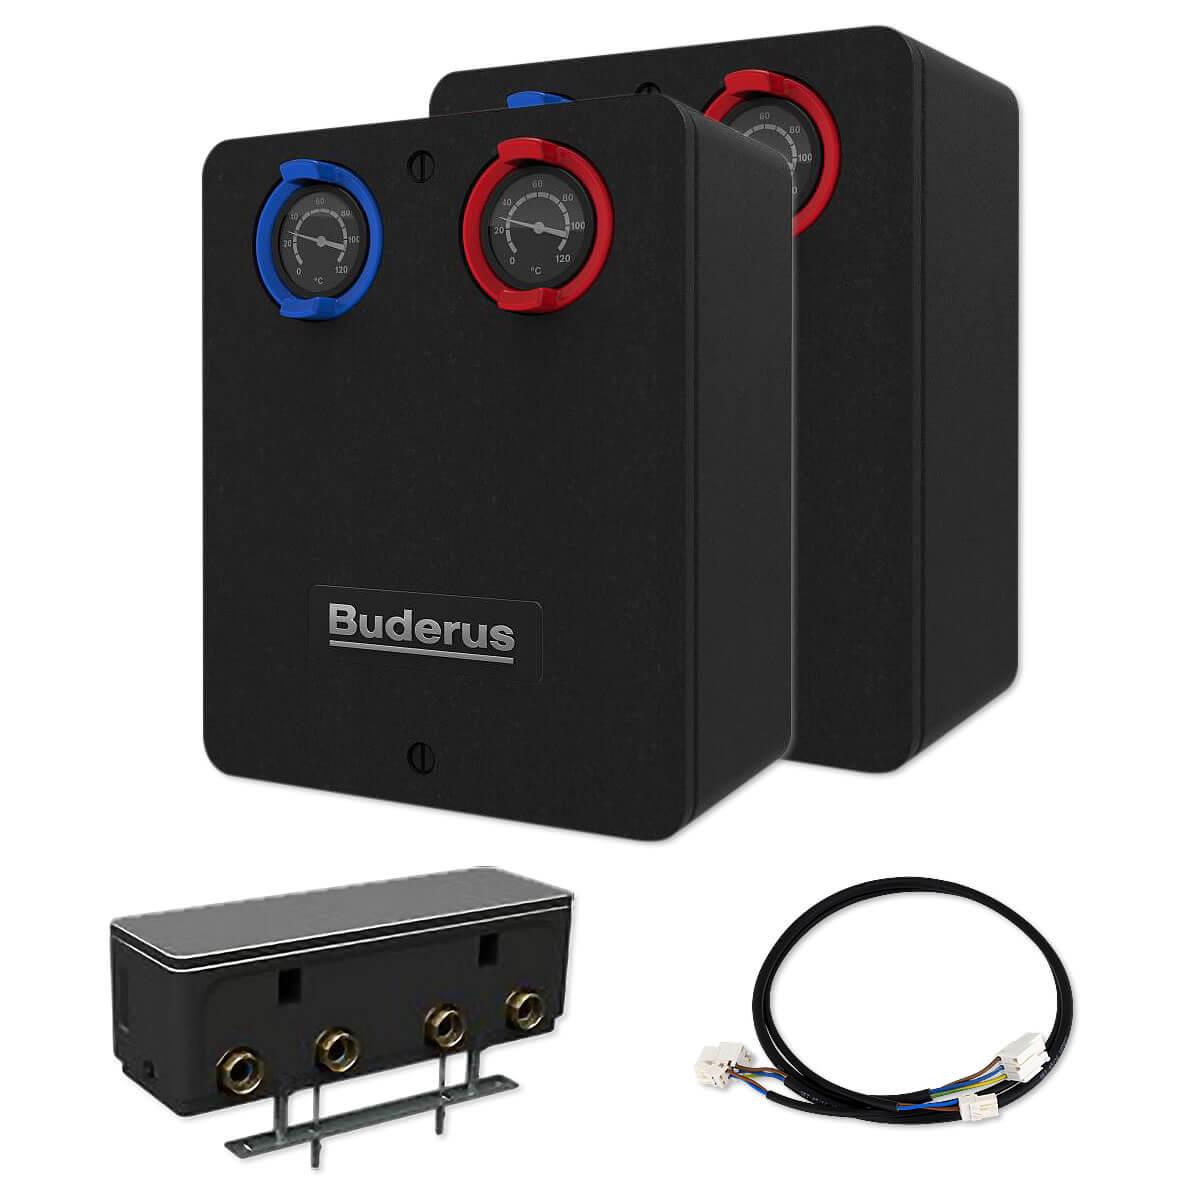 Buderus Heizkreispaket WE18.1 bis 15 kW mit 2 Heizkreisen ...